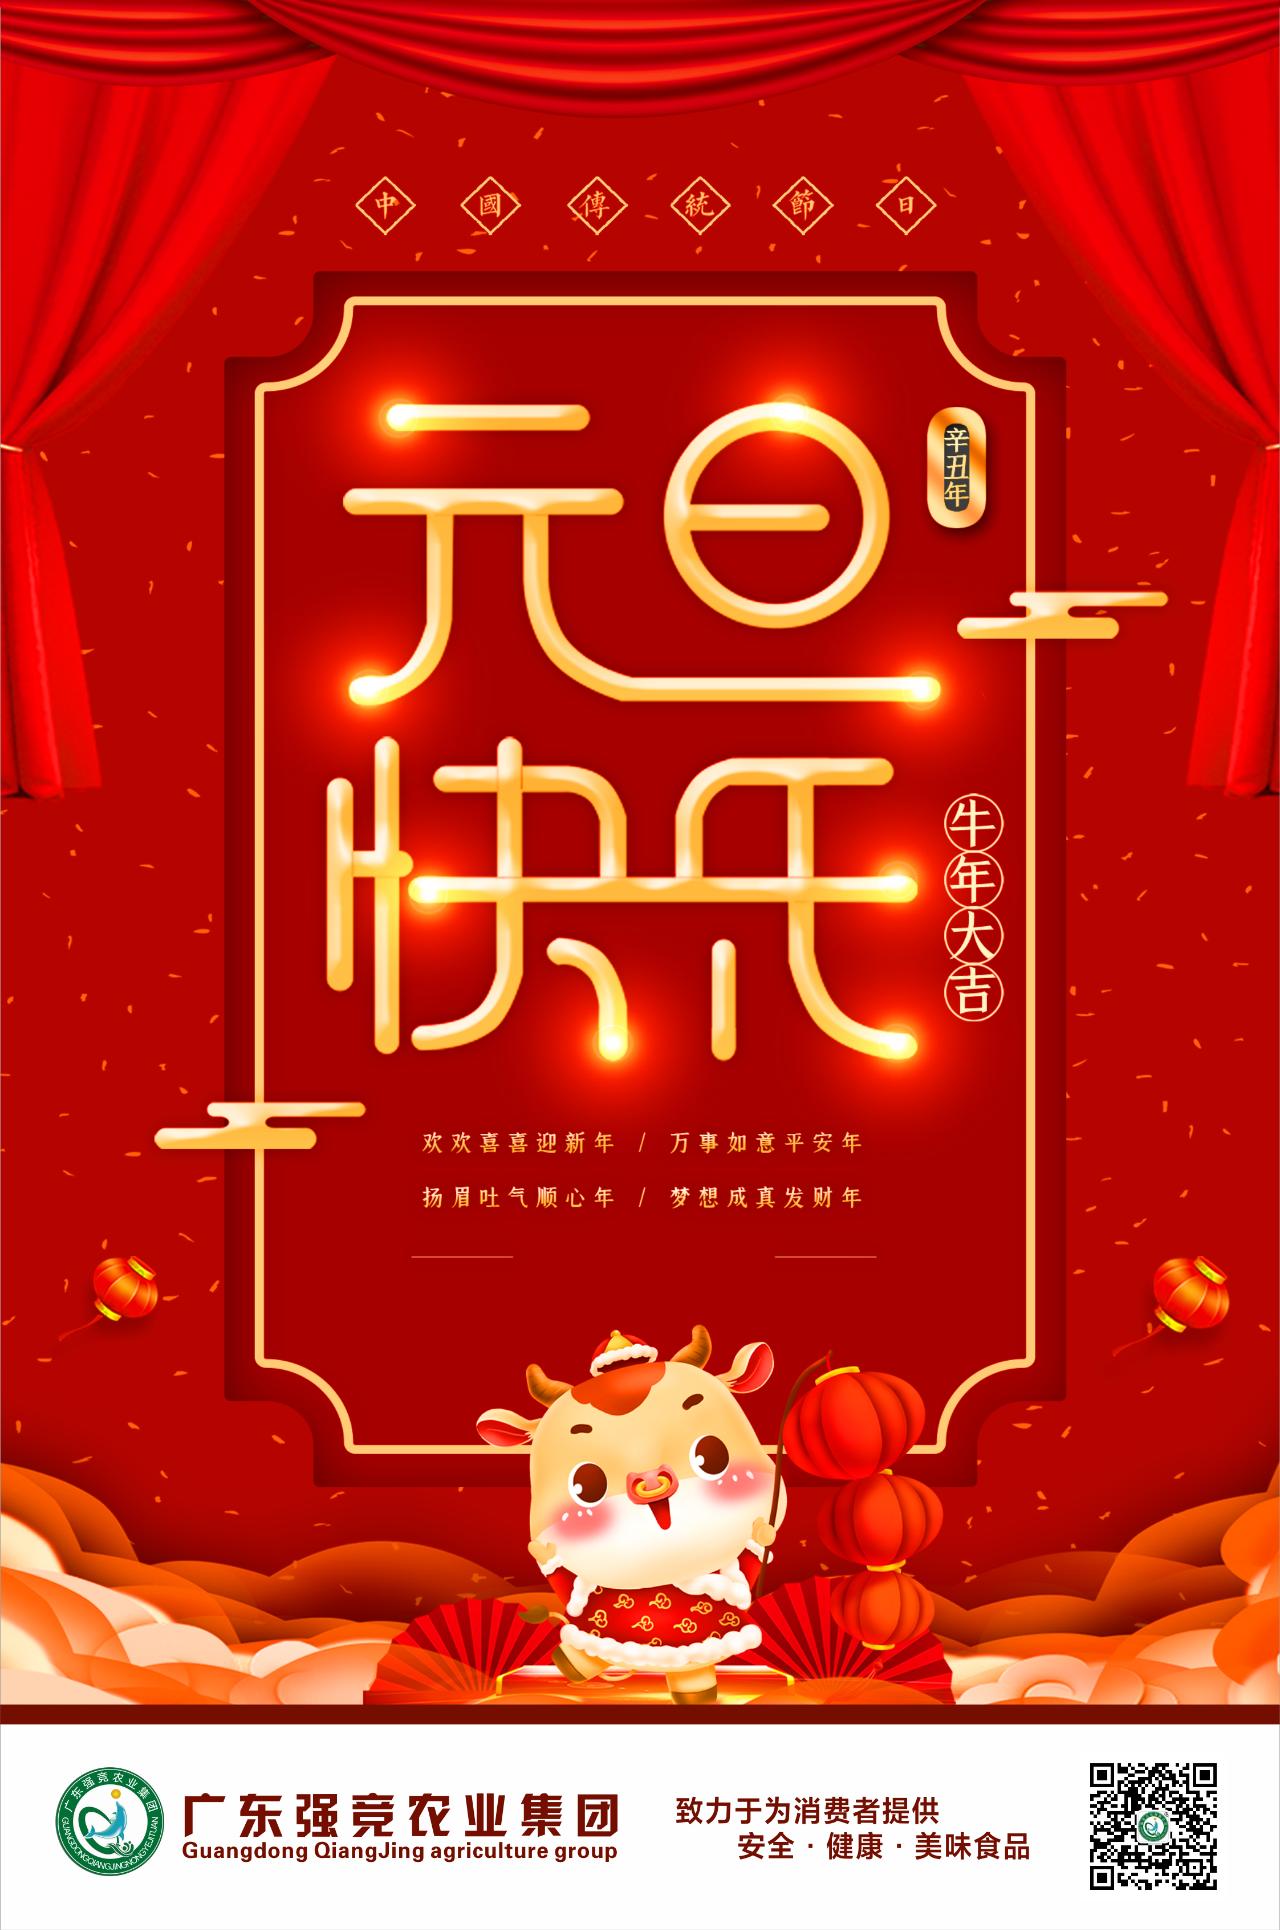 广东强竞农业集团祝您元旦快乐!